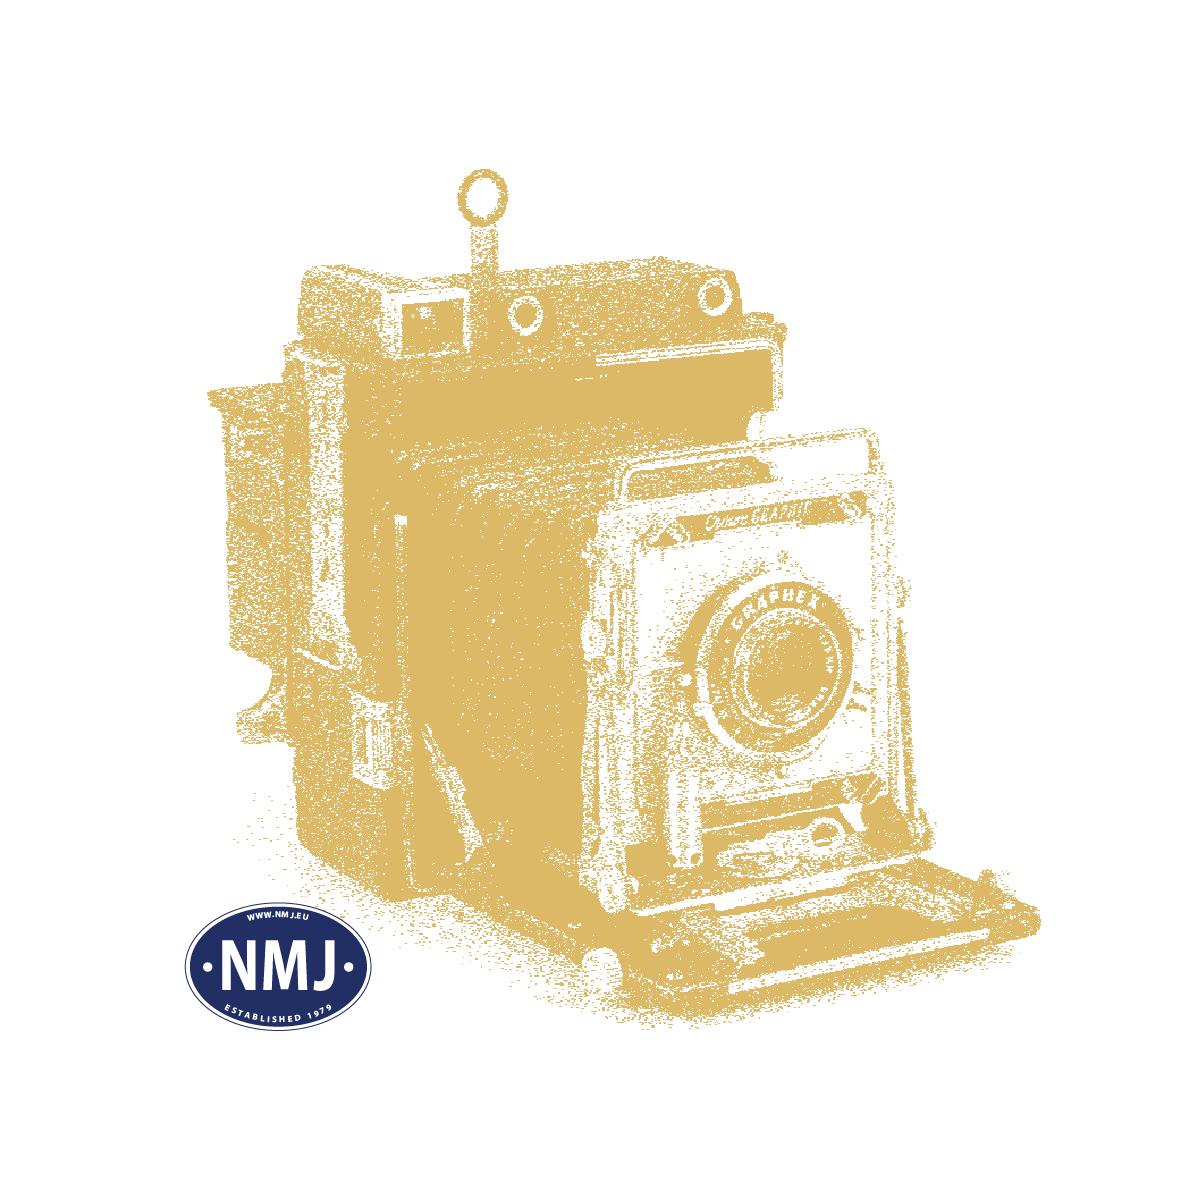 NMJ0T3-4 - NMJ Superline Modell des Rungenwagens T3 17002 der NSB, Spur 0